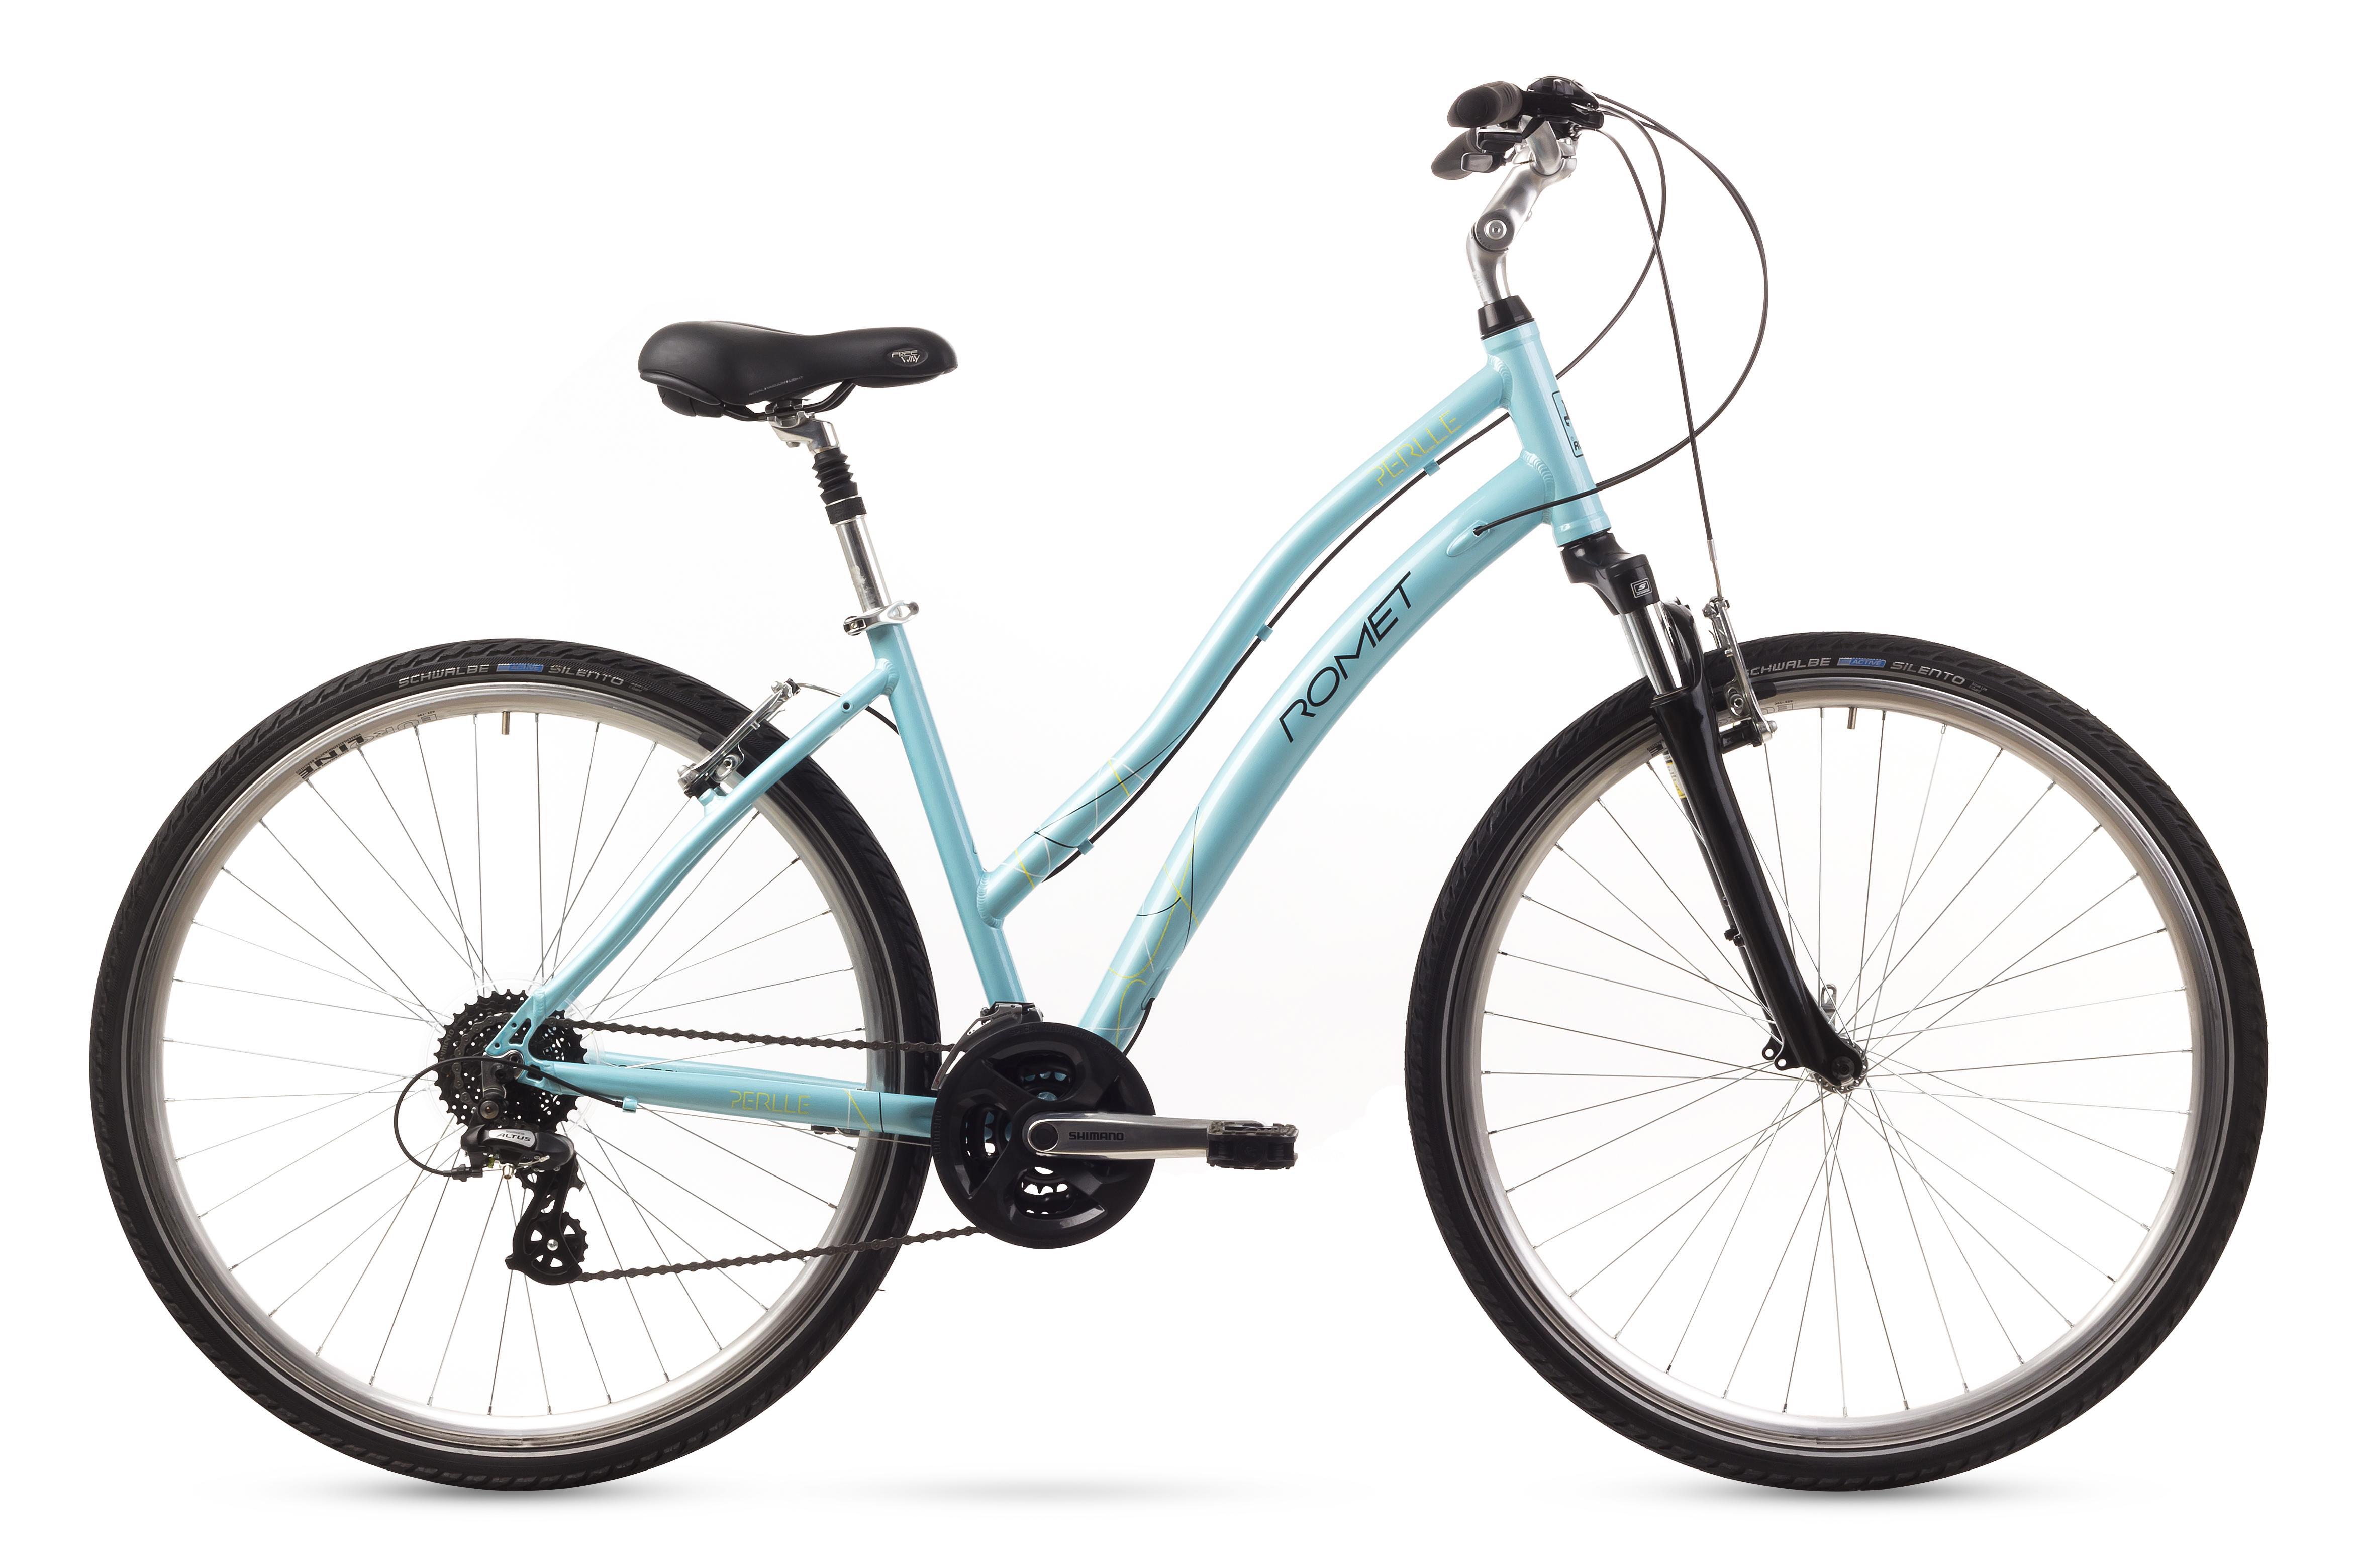 Bicicleta de oras Romet PERLLE Turcoaz 2016 Romet